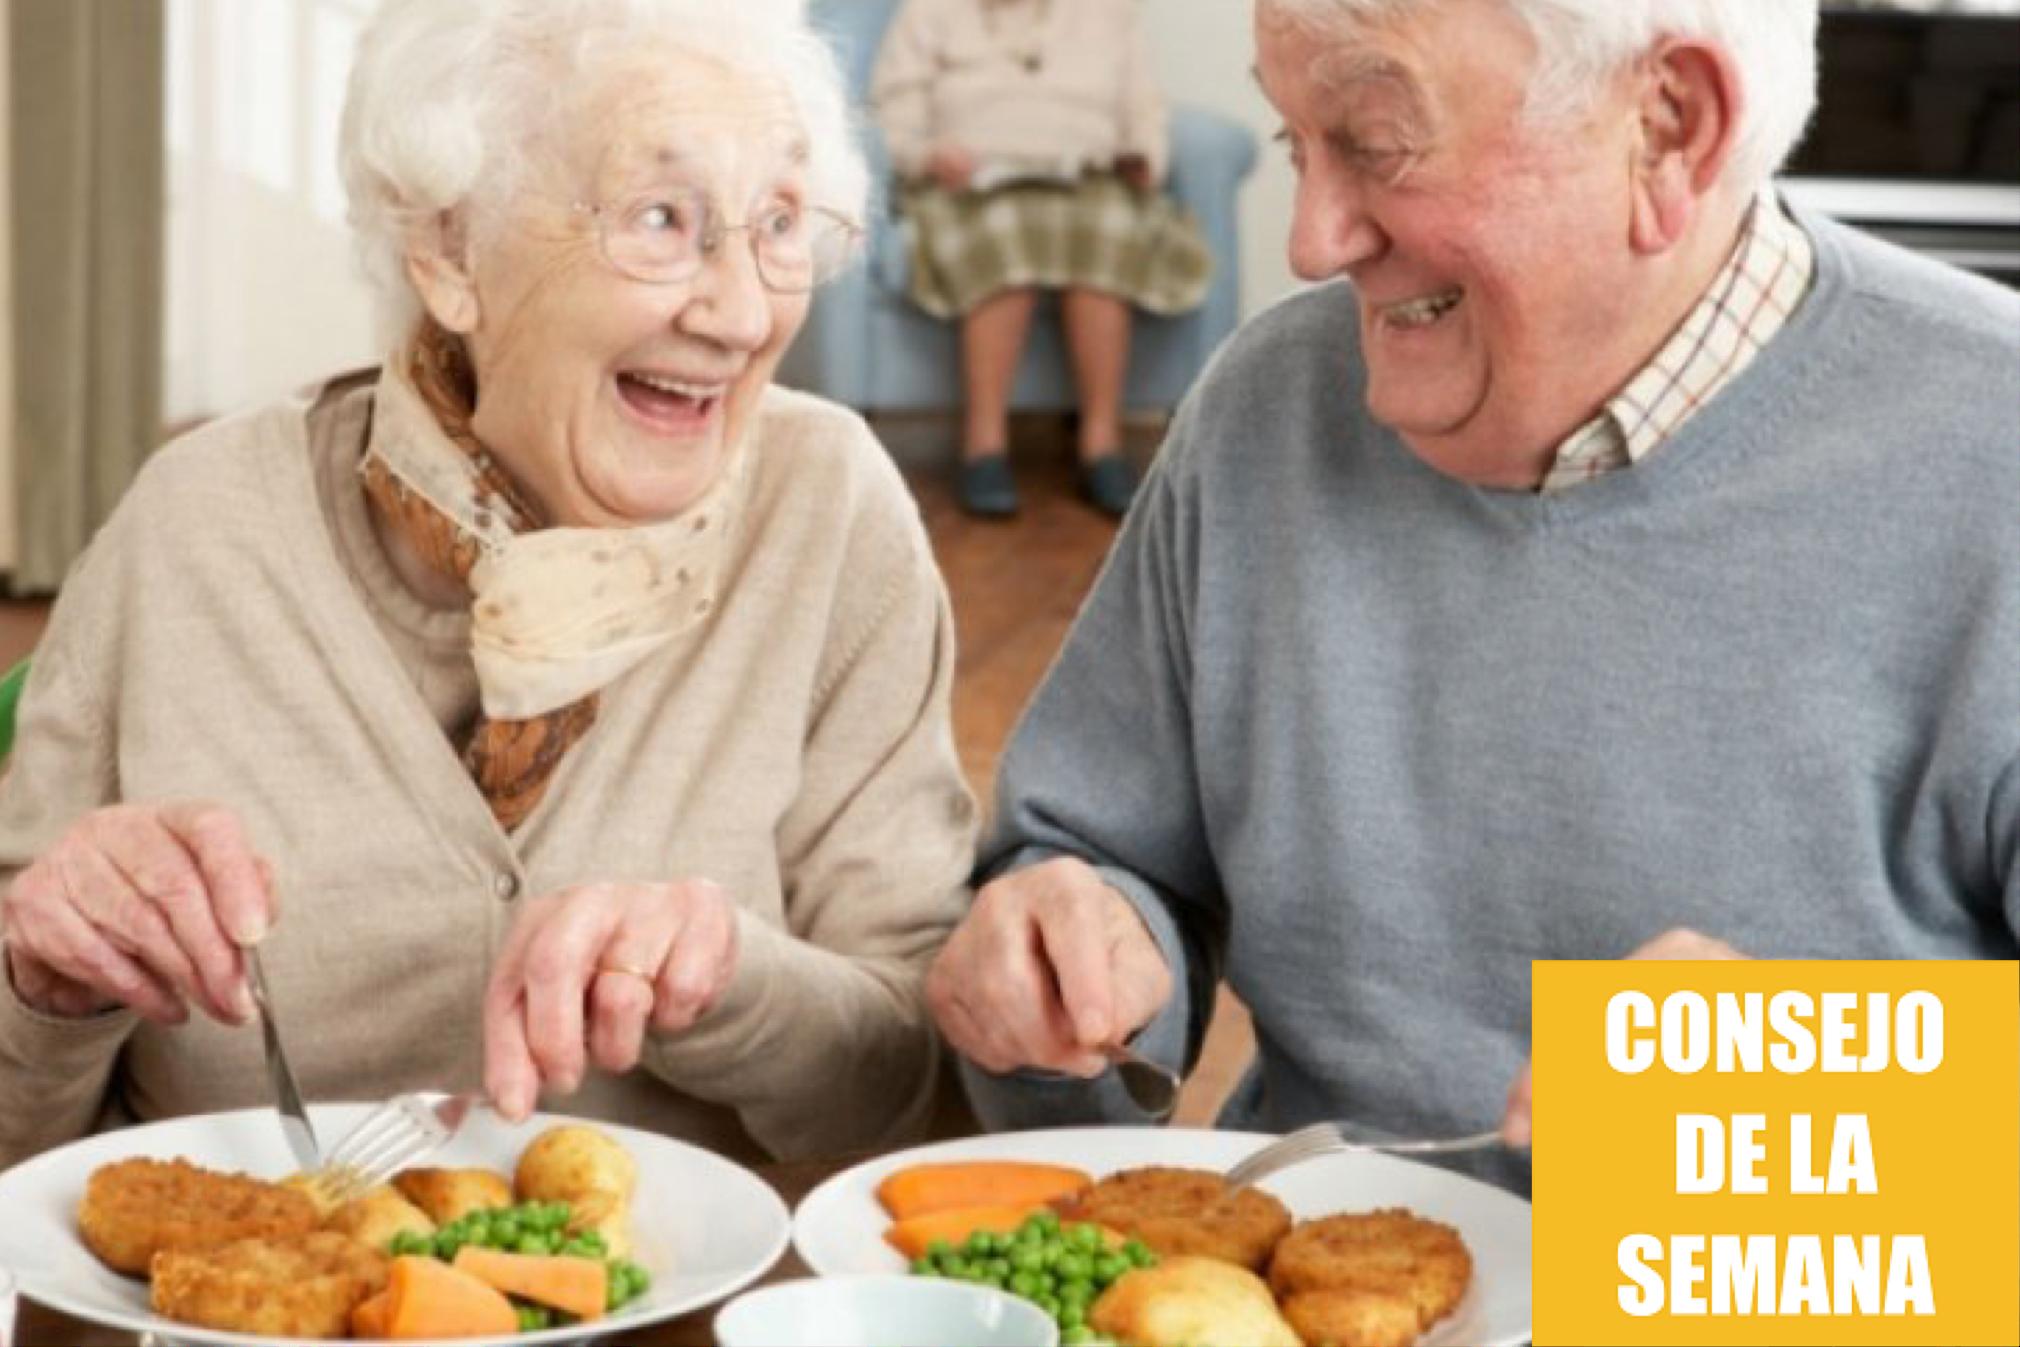 Consejos para cuidar la alimentación de las personas mayores